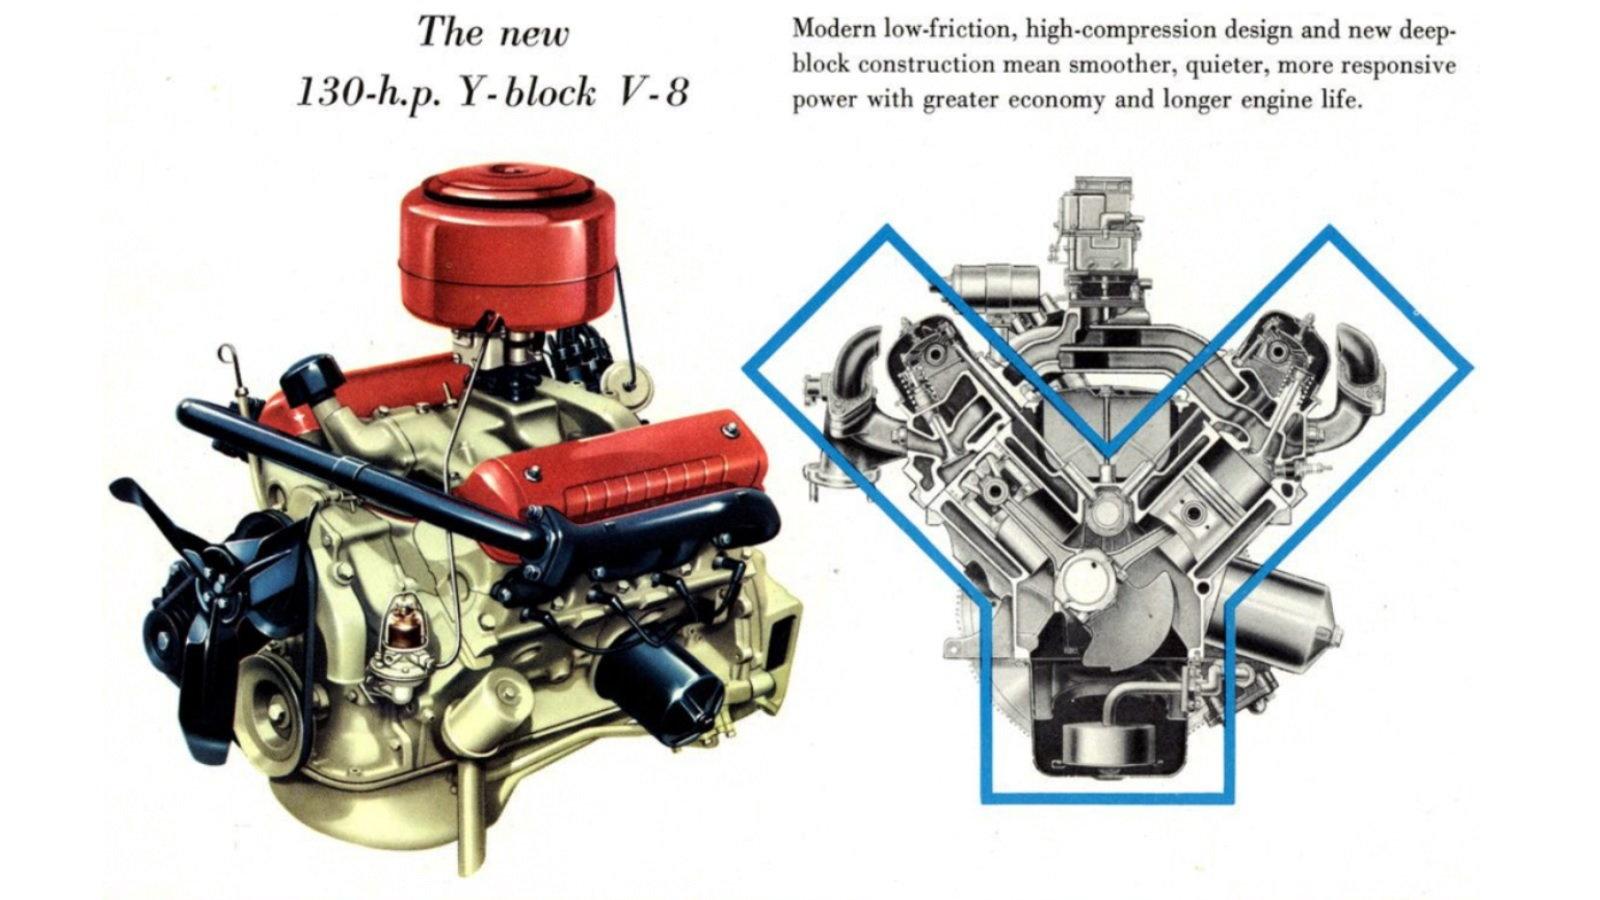 1. Ford 292 Y-Block V-8